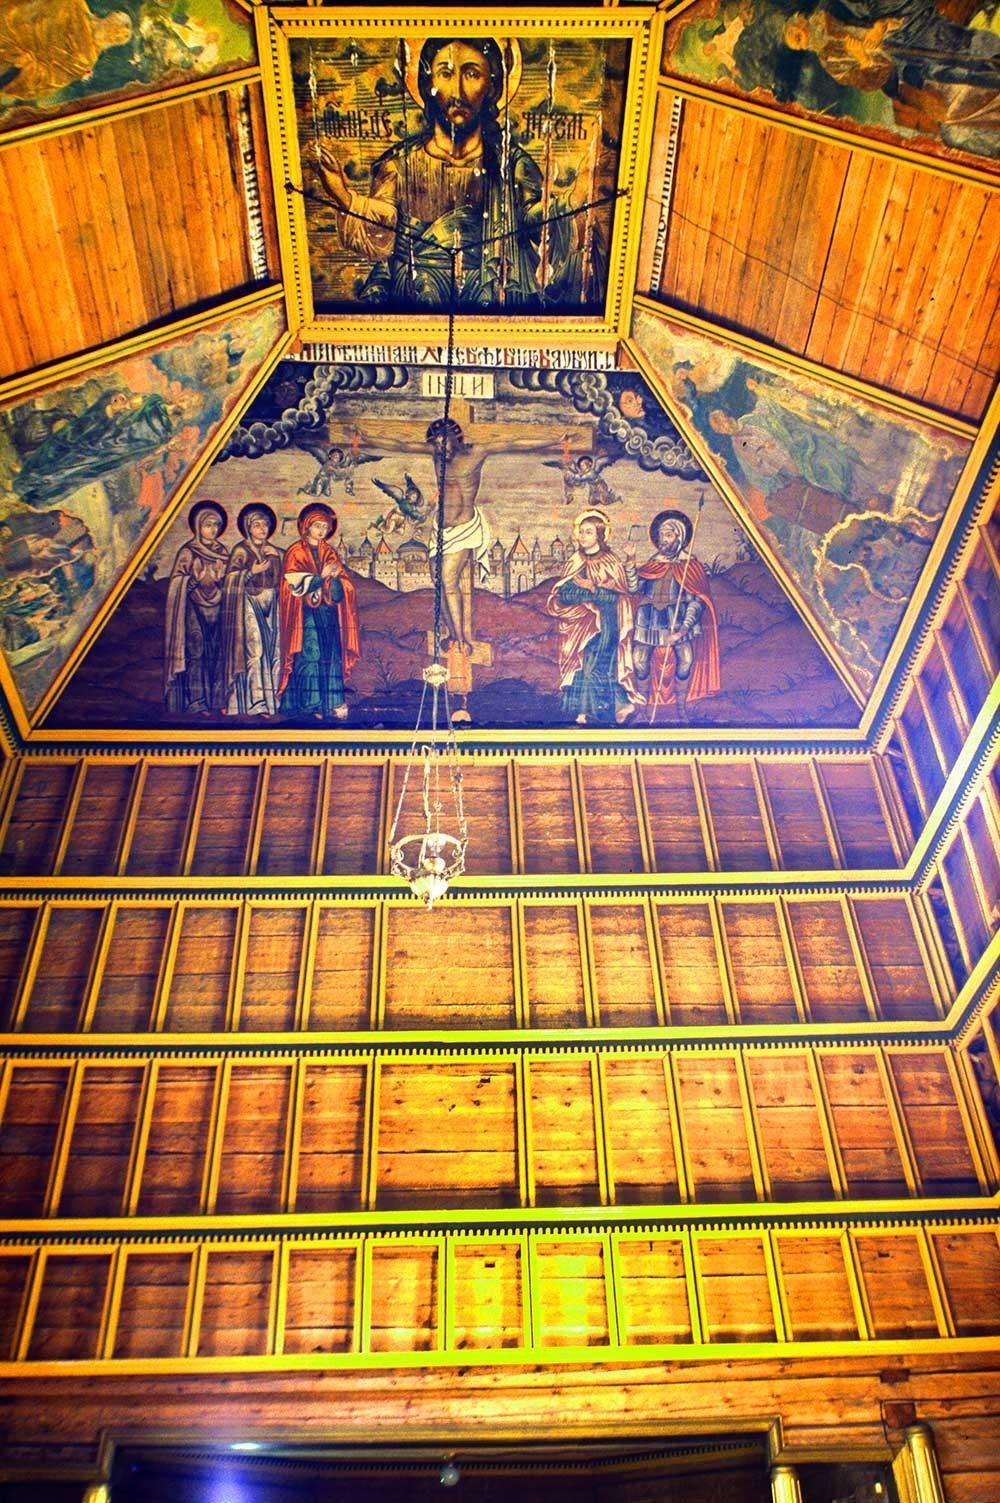 聖イリヤ聖堂、内装。南側。キリストの天井画とイコン・スクリーンの縁。1999年7月23日。